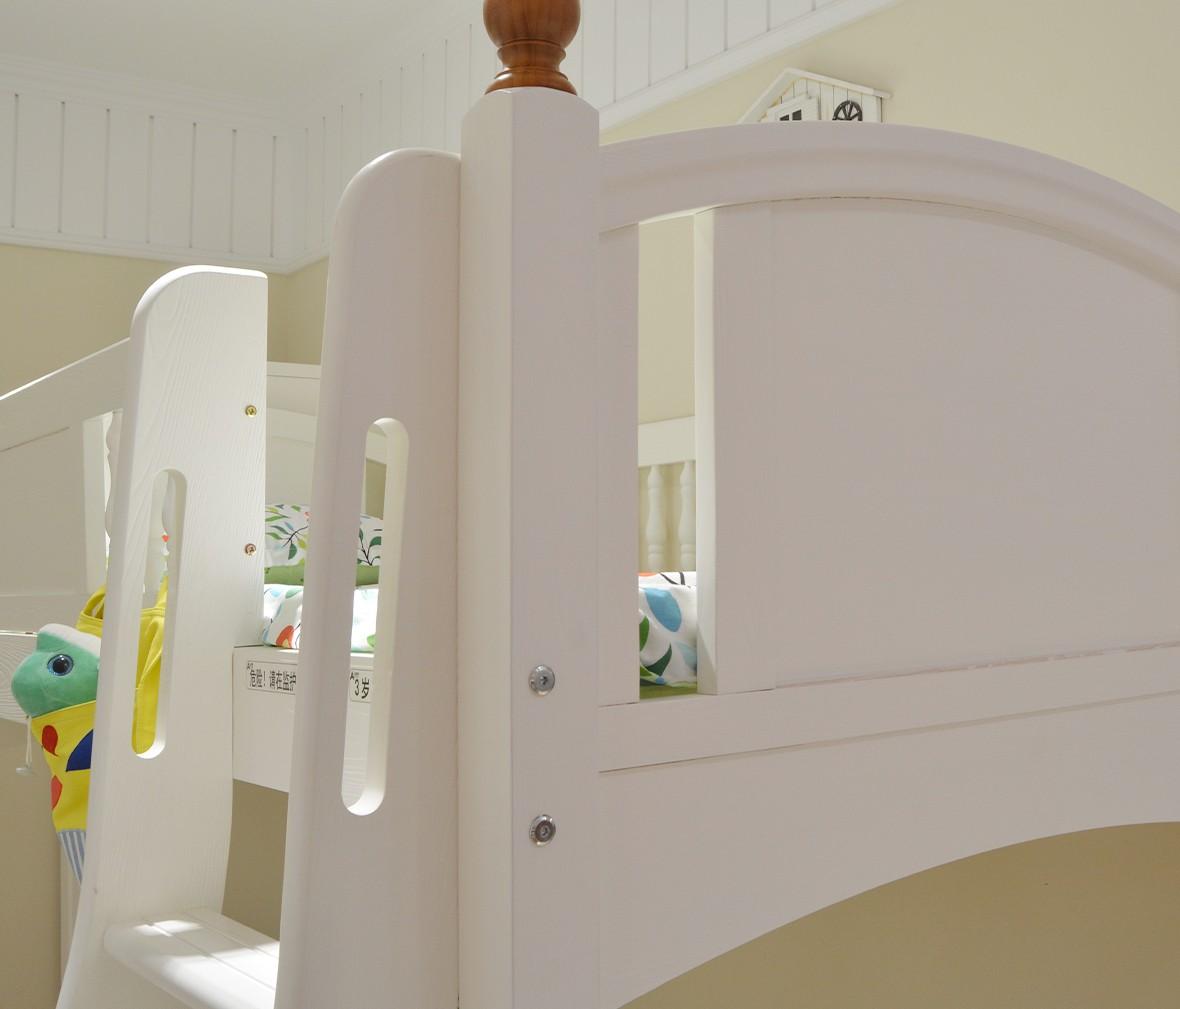 弋玛特儿童家具 C-88A型号上下床 进口智利松材质儿童床 商品细节